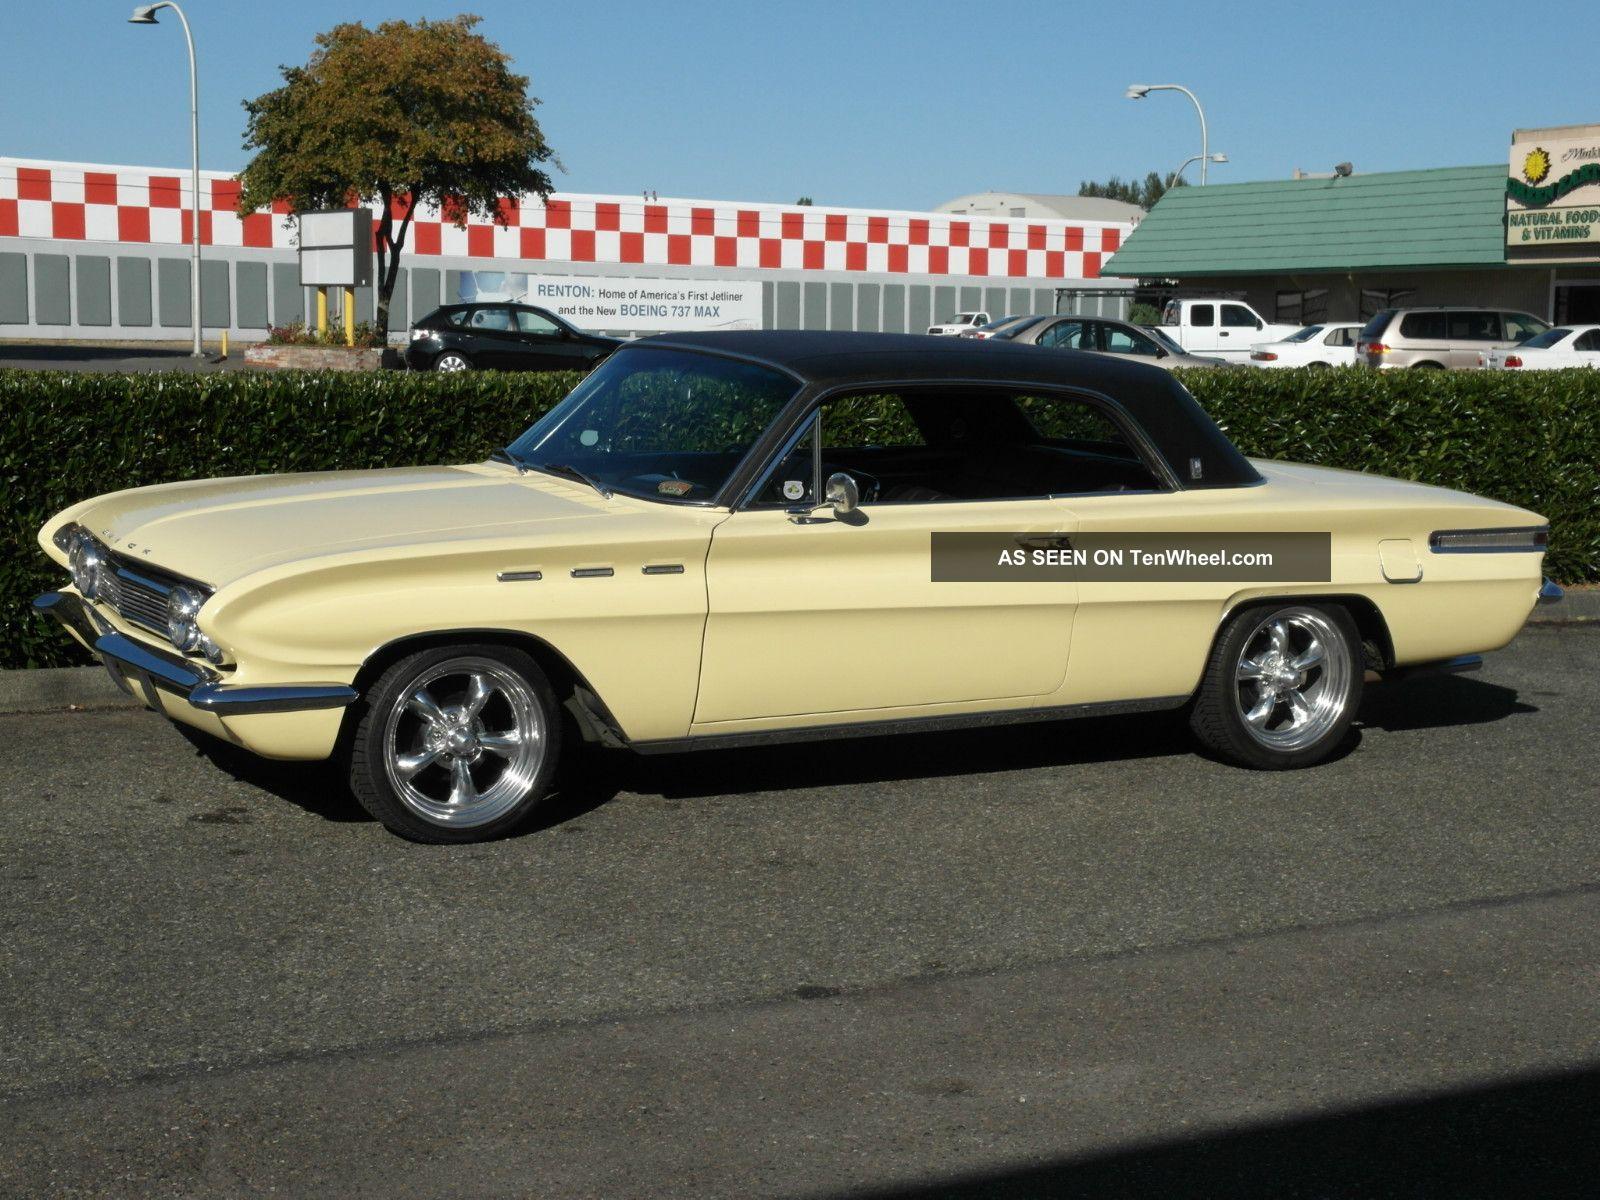 1966 BUICK WILDCAT 2 DOOR HARDTOP 91377 likewise 1964 Buick Skylark moreover 31113 1962 buick skylark 2 door hardtop together with 141984334690 besides Curbside Classic 1967 Buick Skylark Big Little Car. on 1965 buick skylark 4 door